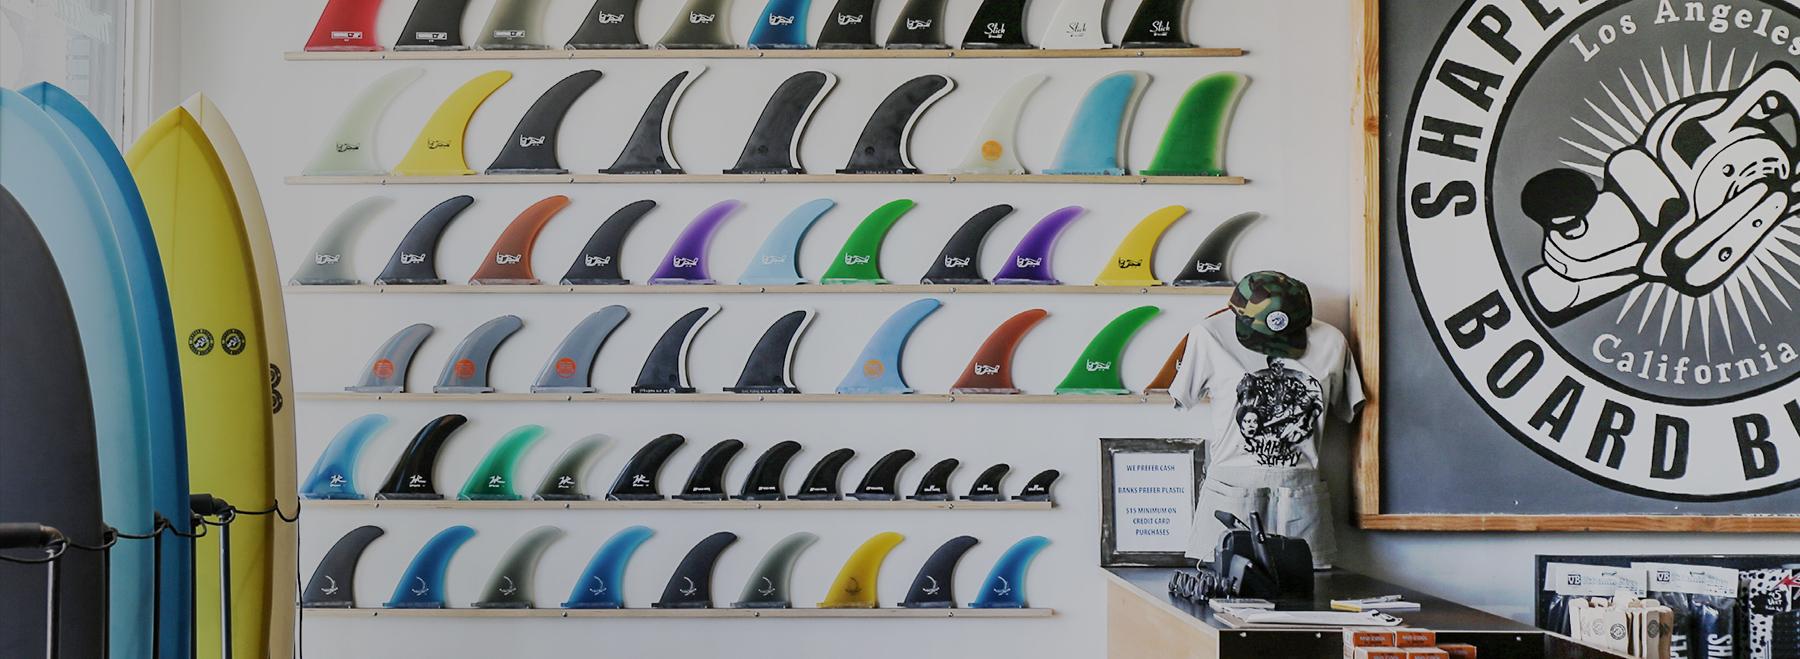 Designing A Custom Surfboard: Part 1